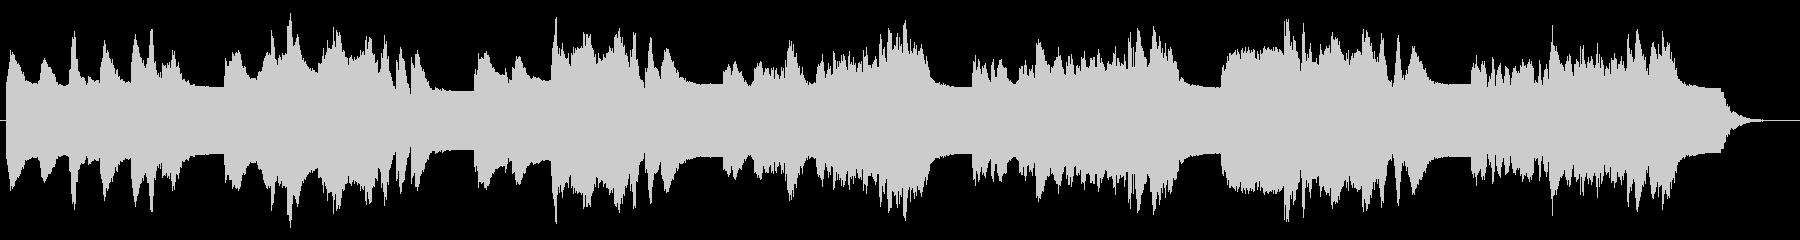 横断歩道 誘導音02-3の未再生の波形